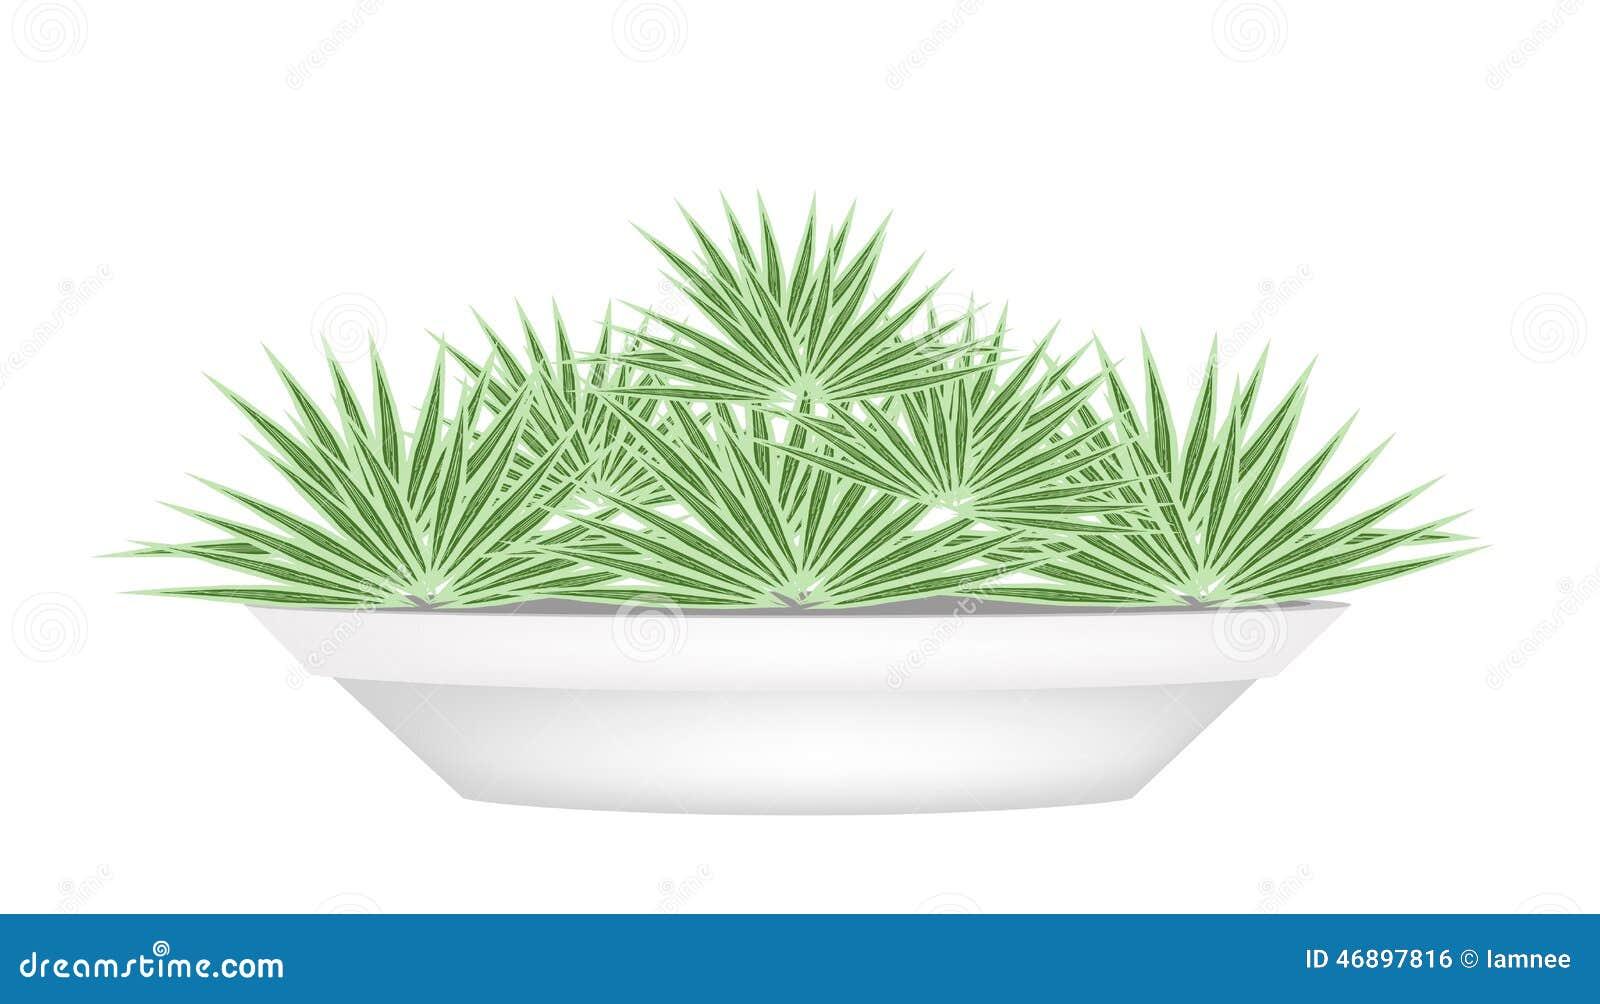 Peque as palmeras en una maceta ilustraci n del vector - Palmeras pequenas para jardin ...